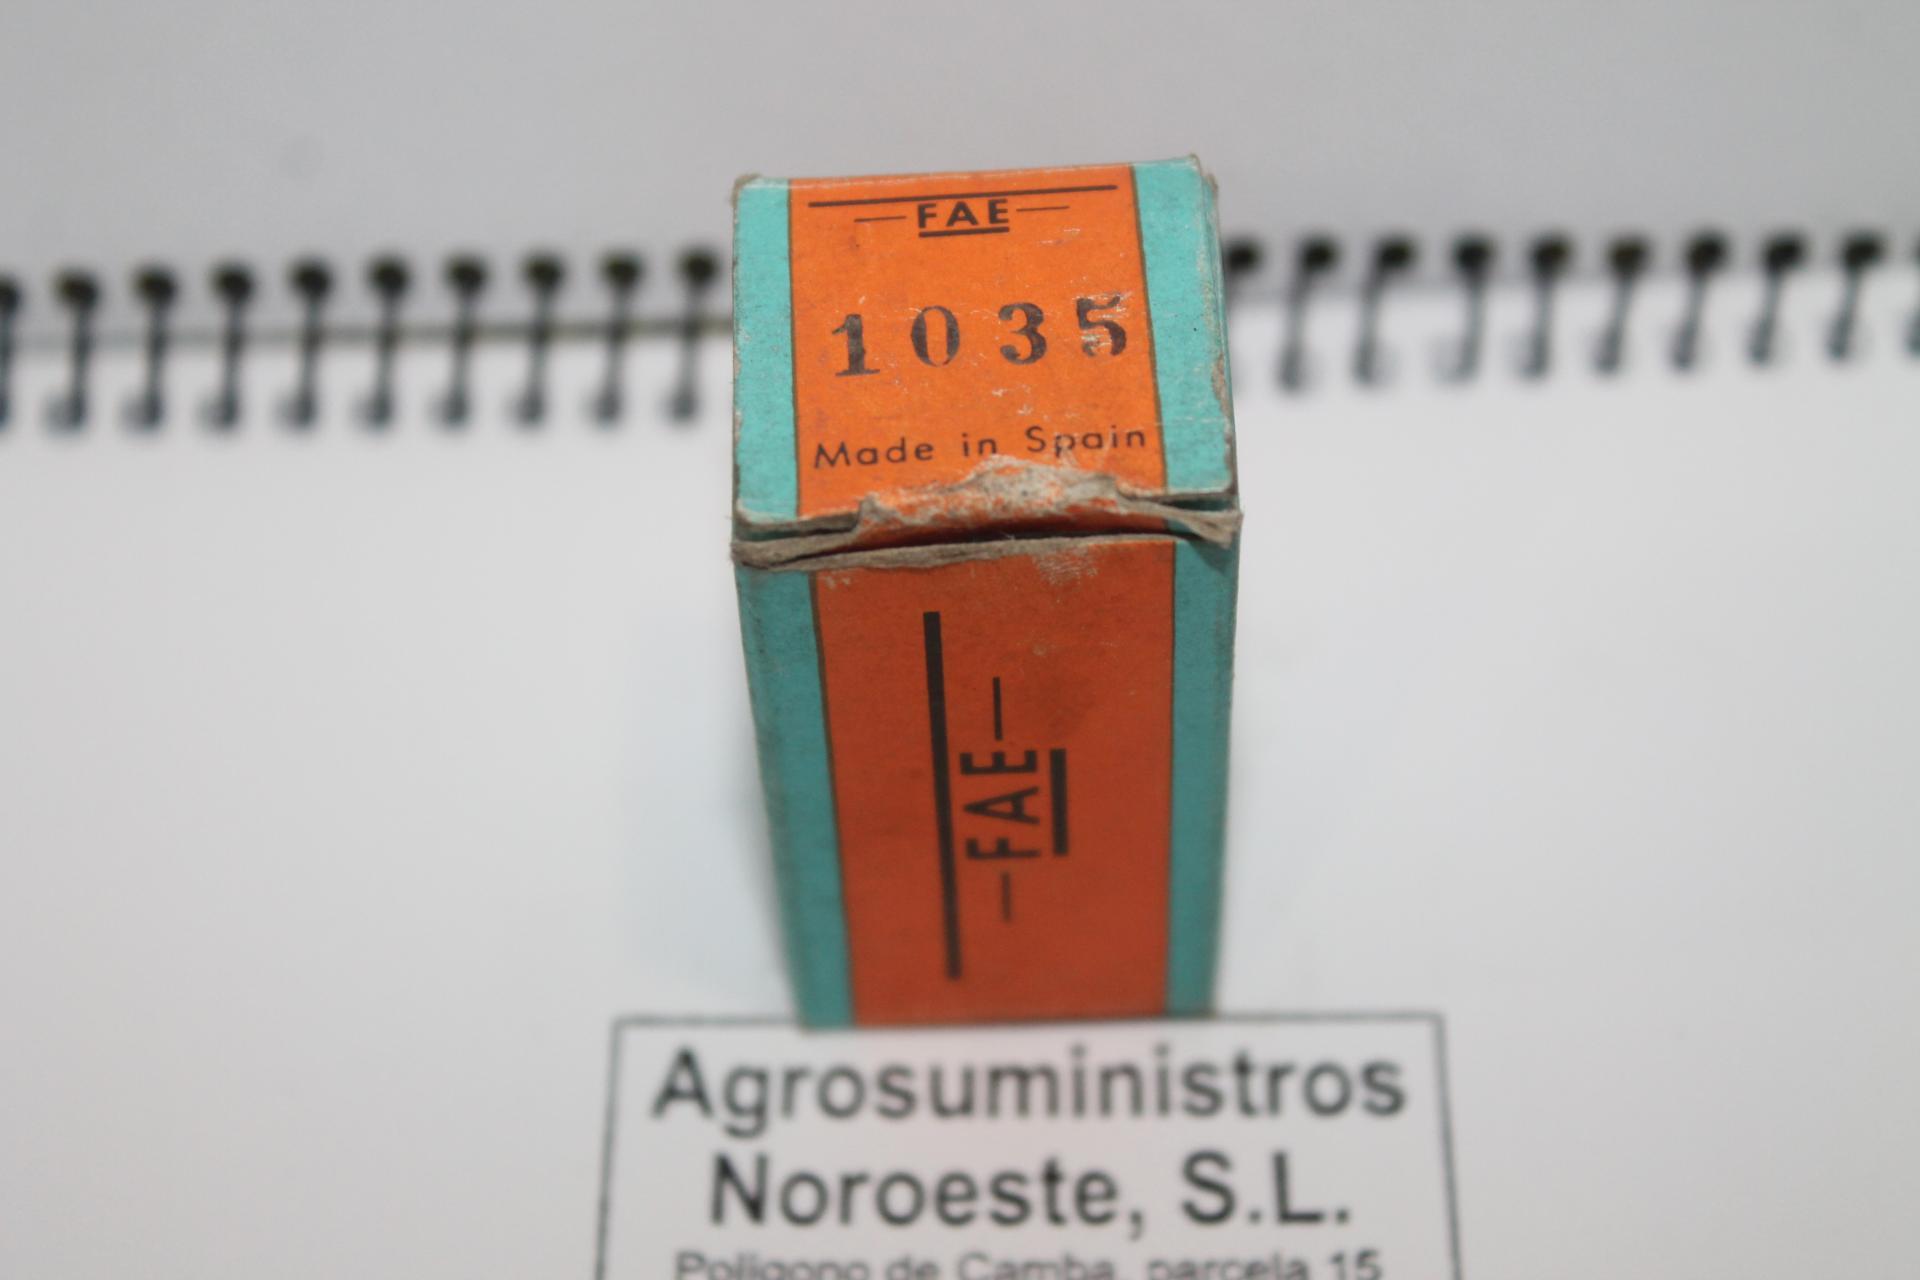 Manocontacto FAE 1035